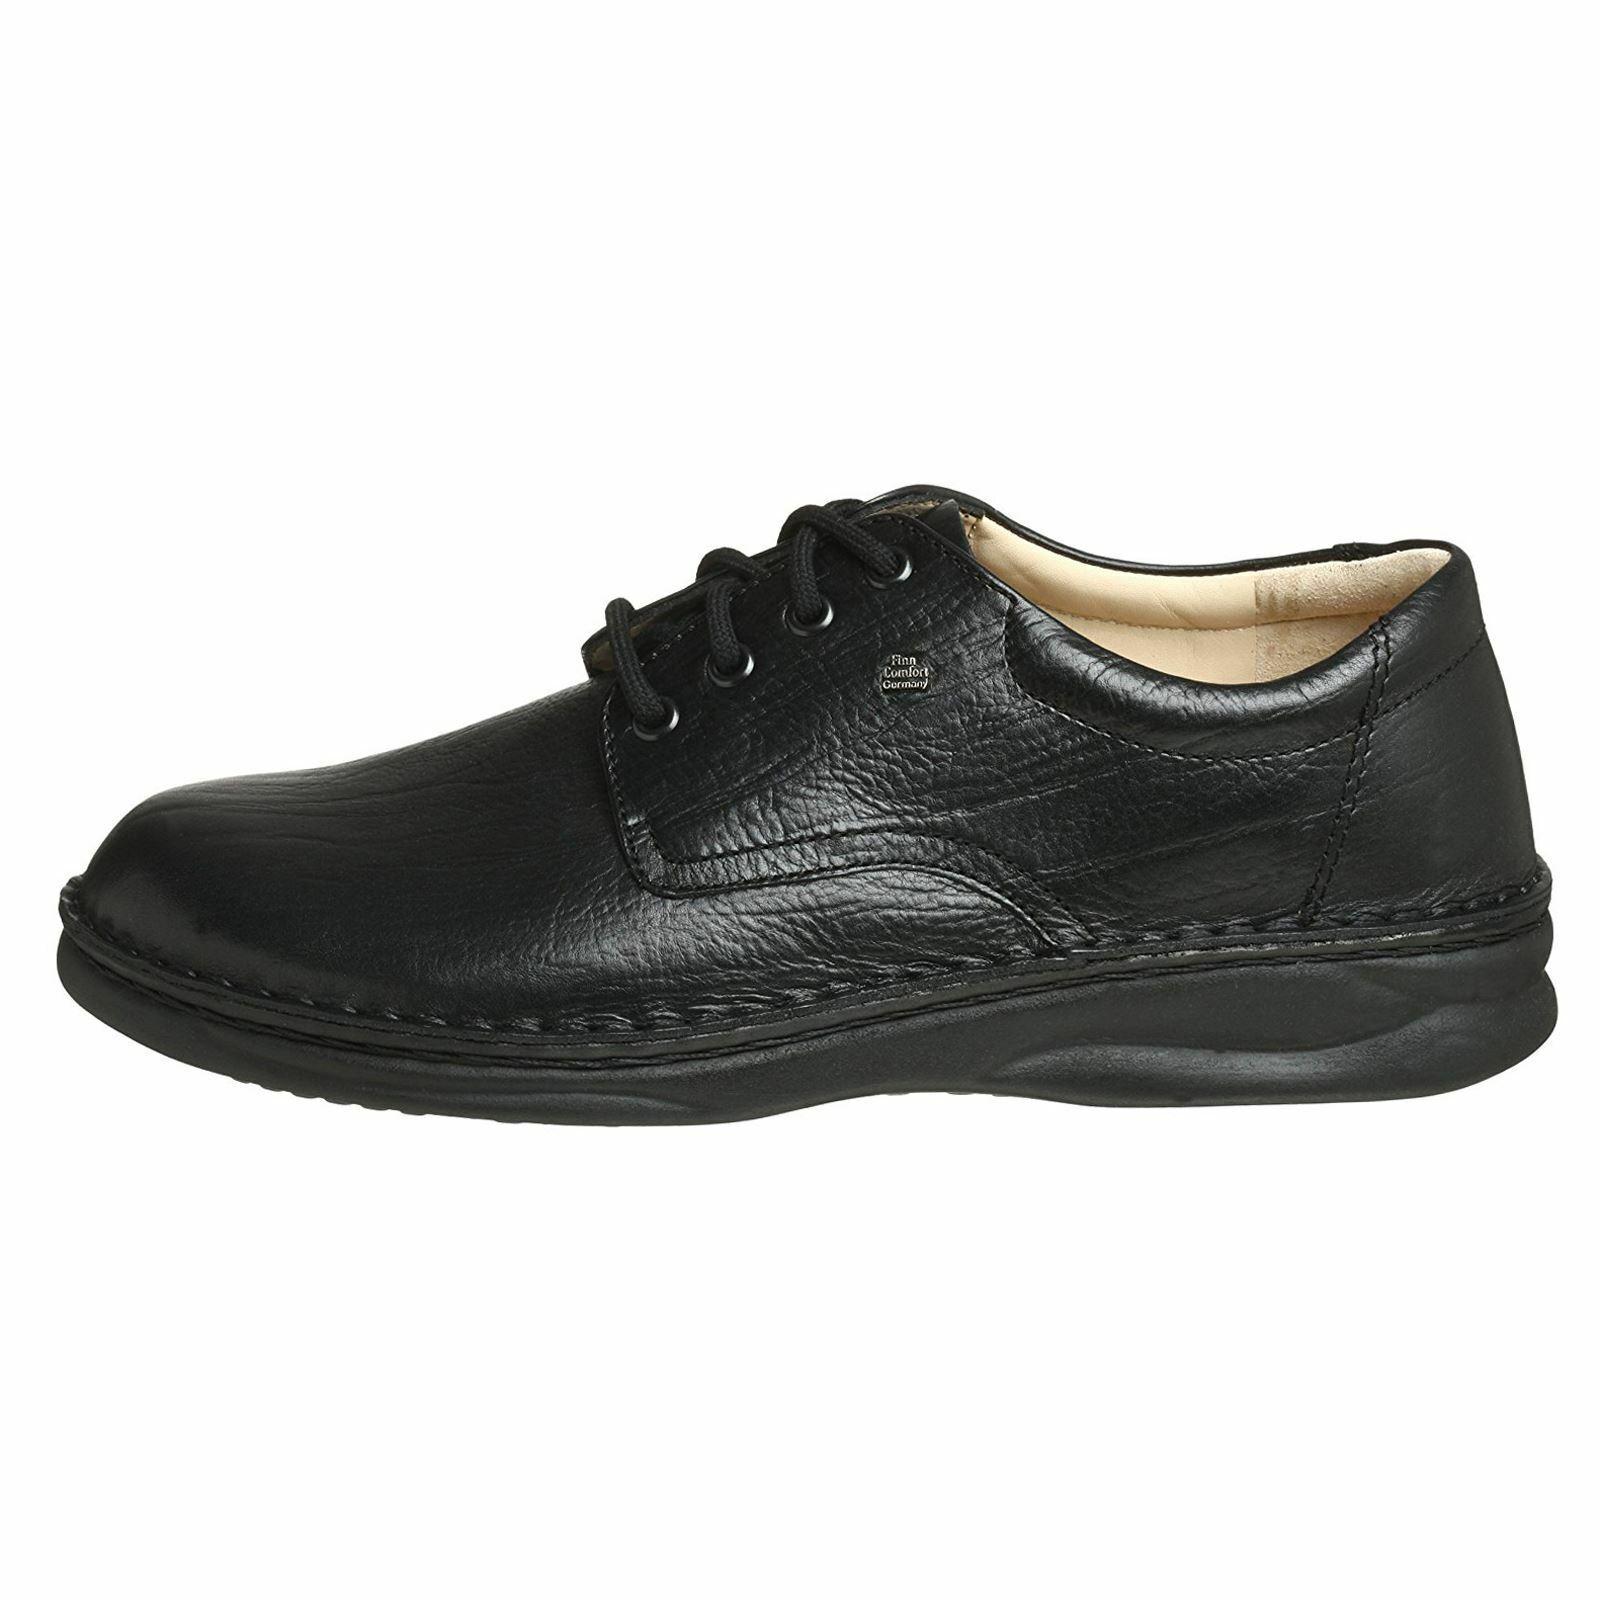 Finn Comfort Mens Metz noir Leather chaussures